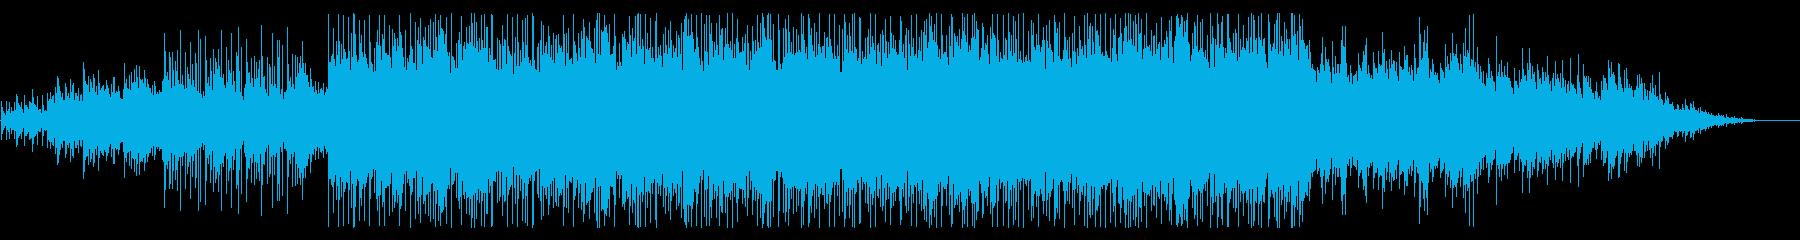 ピアノがきらきら綺麗なBGM4の再生済みの波形